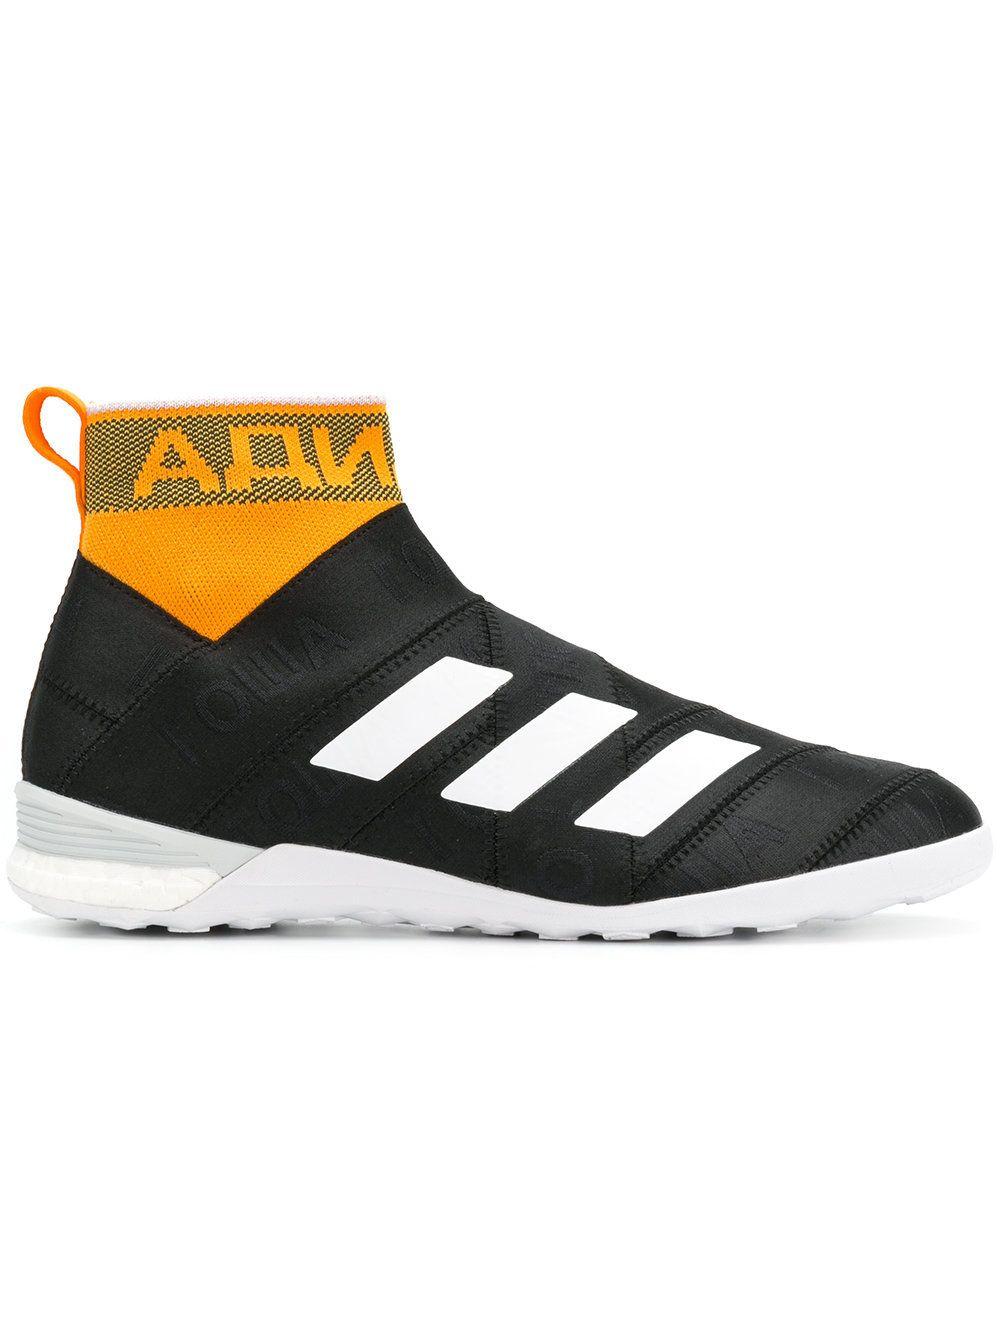 1e573b60c0ea GOSHA RUBCHINSKIY Gosha Rubchinskiy. #gosharubchinskiy #shoes Gosha  Rubchinskiy, Adidas Sneakers, Adidas